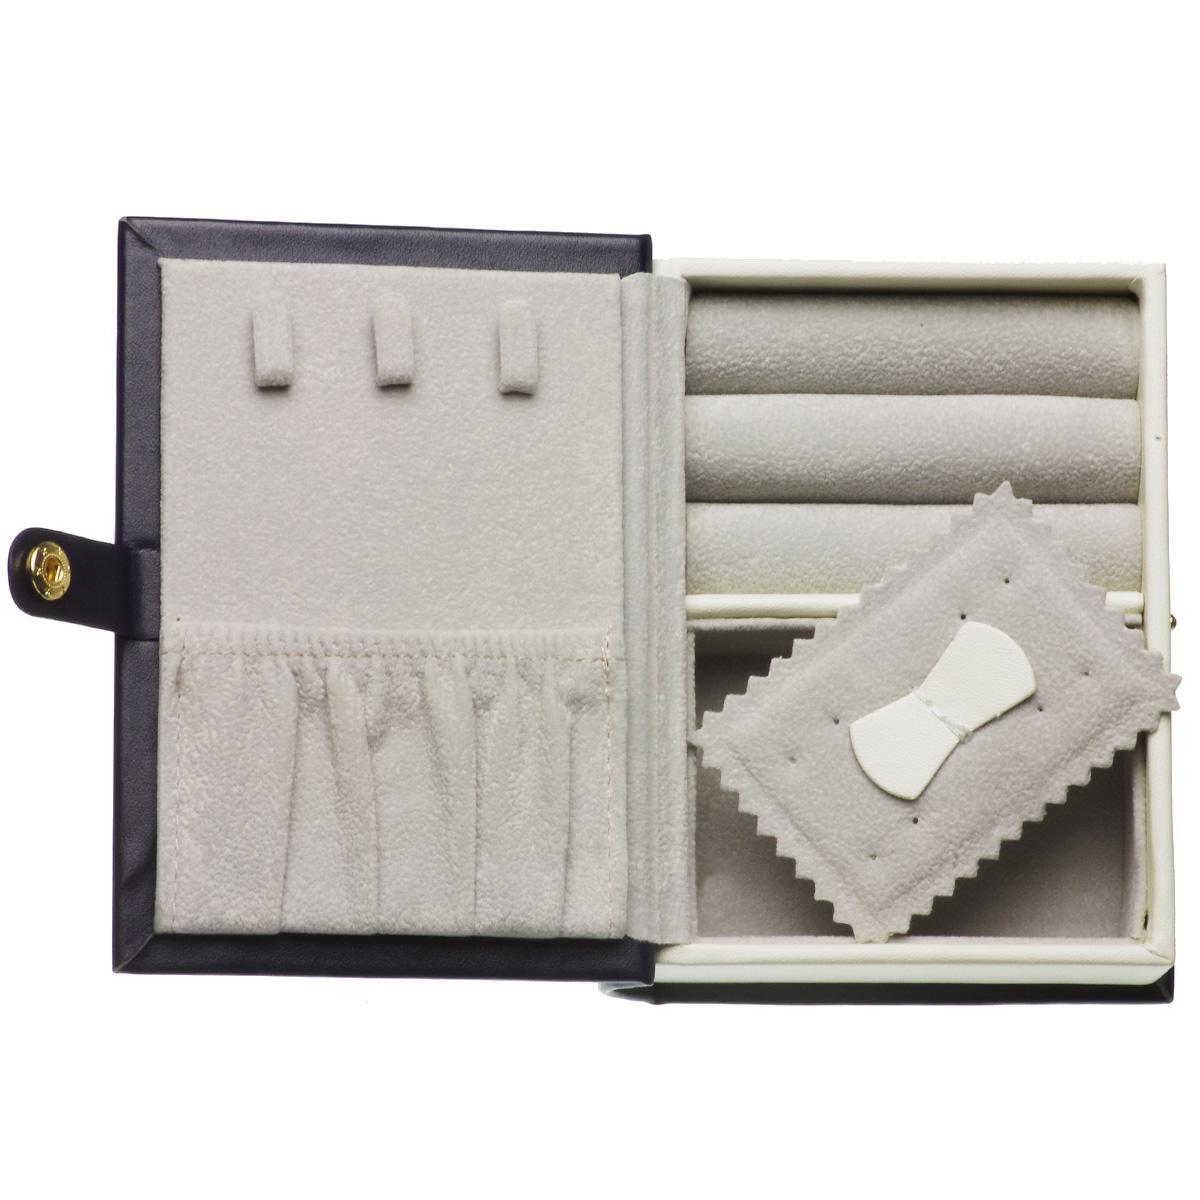 ブック型ジュエリーボックス ジュエリーケース 大容量 アクセサリーボックス トラベル ネイビーの写真